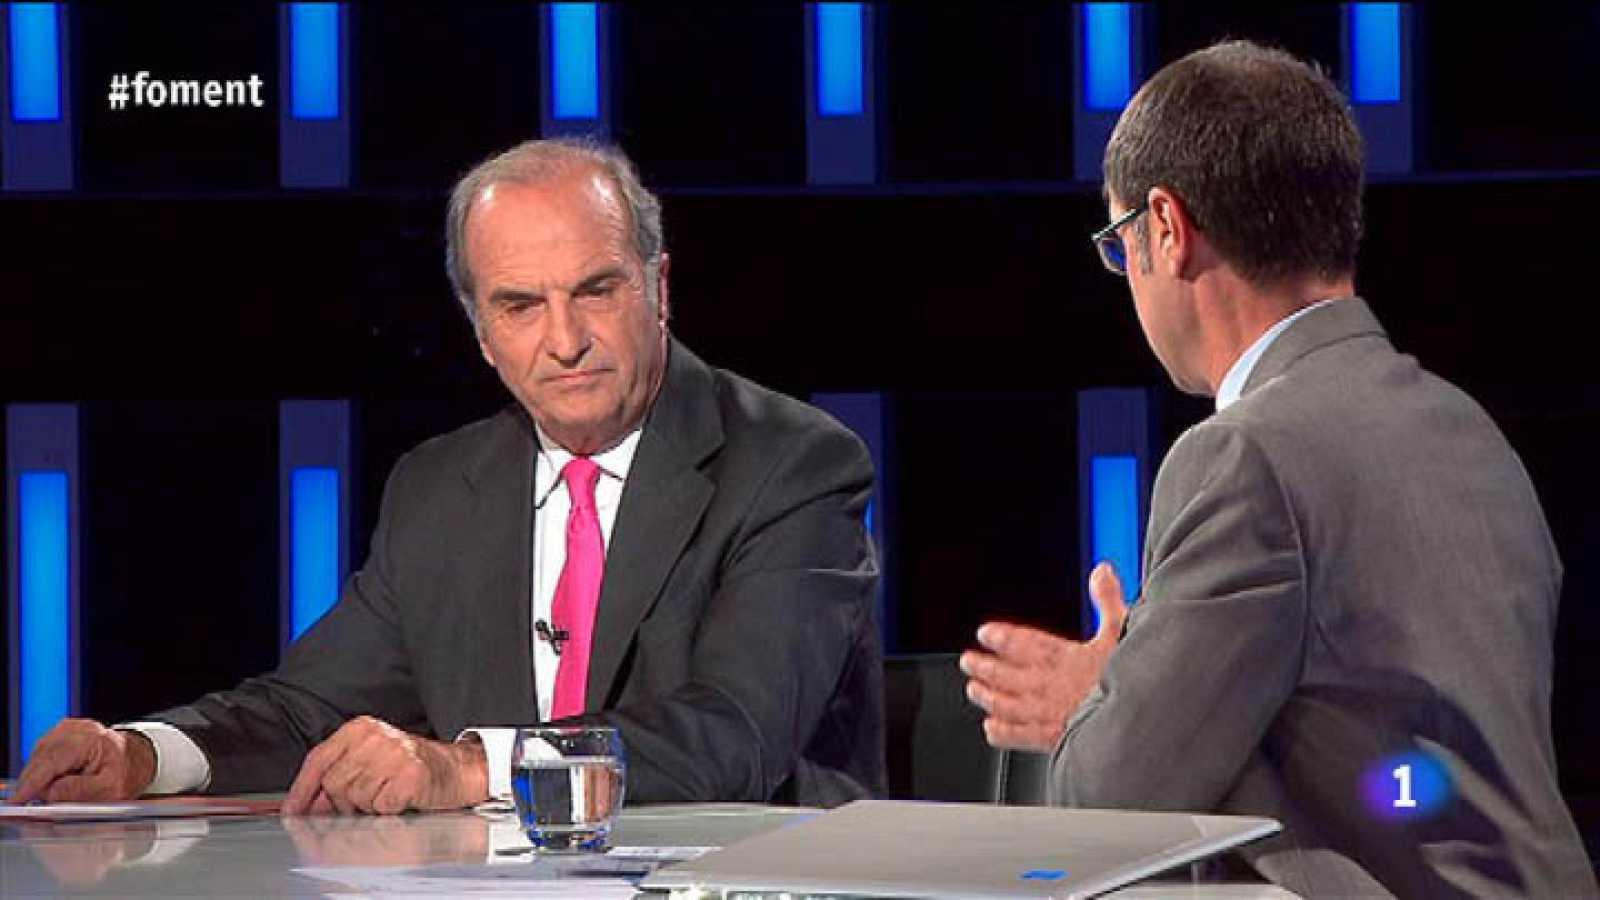 El Debat de La 1 - Joaquim Gay de Montellà, president de Foment del Treball